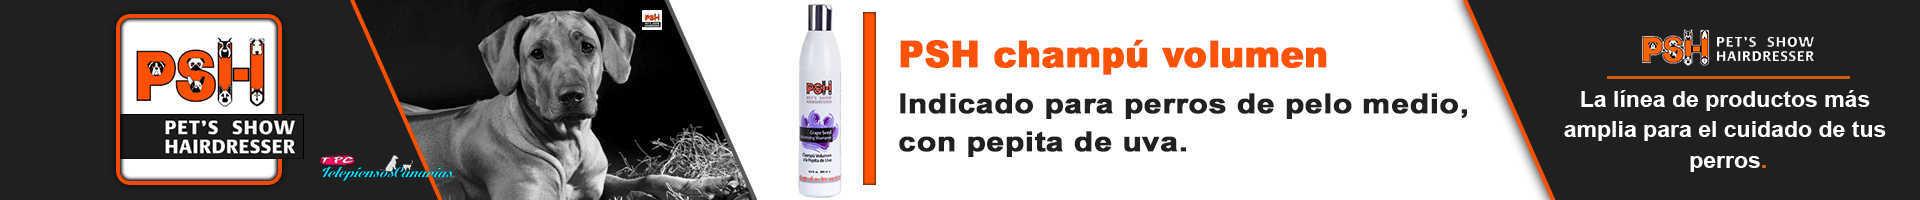 PSH champú volumen para perros de razas de pelo medio y corto